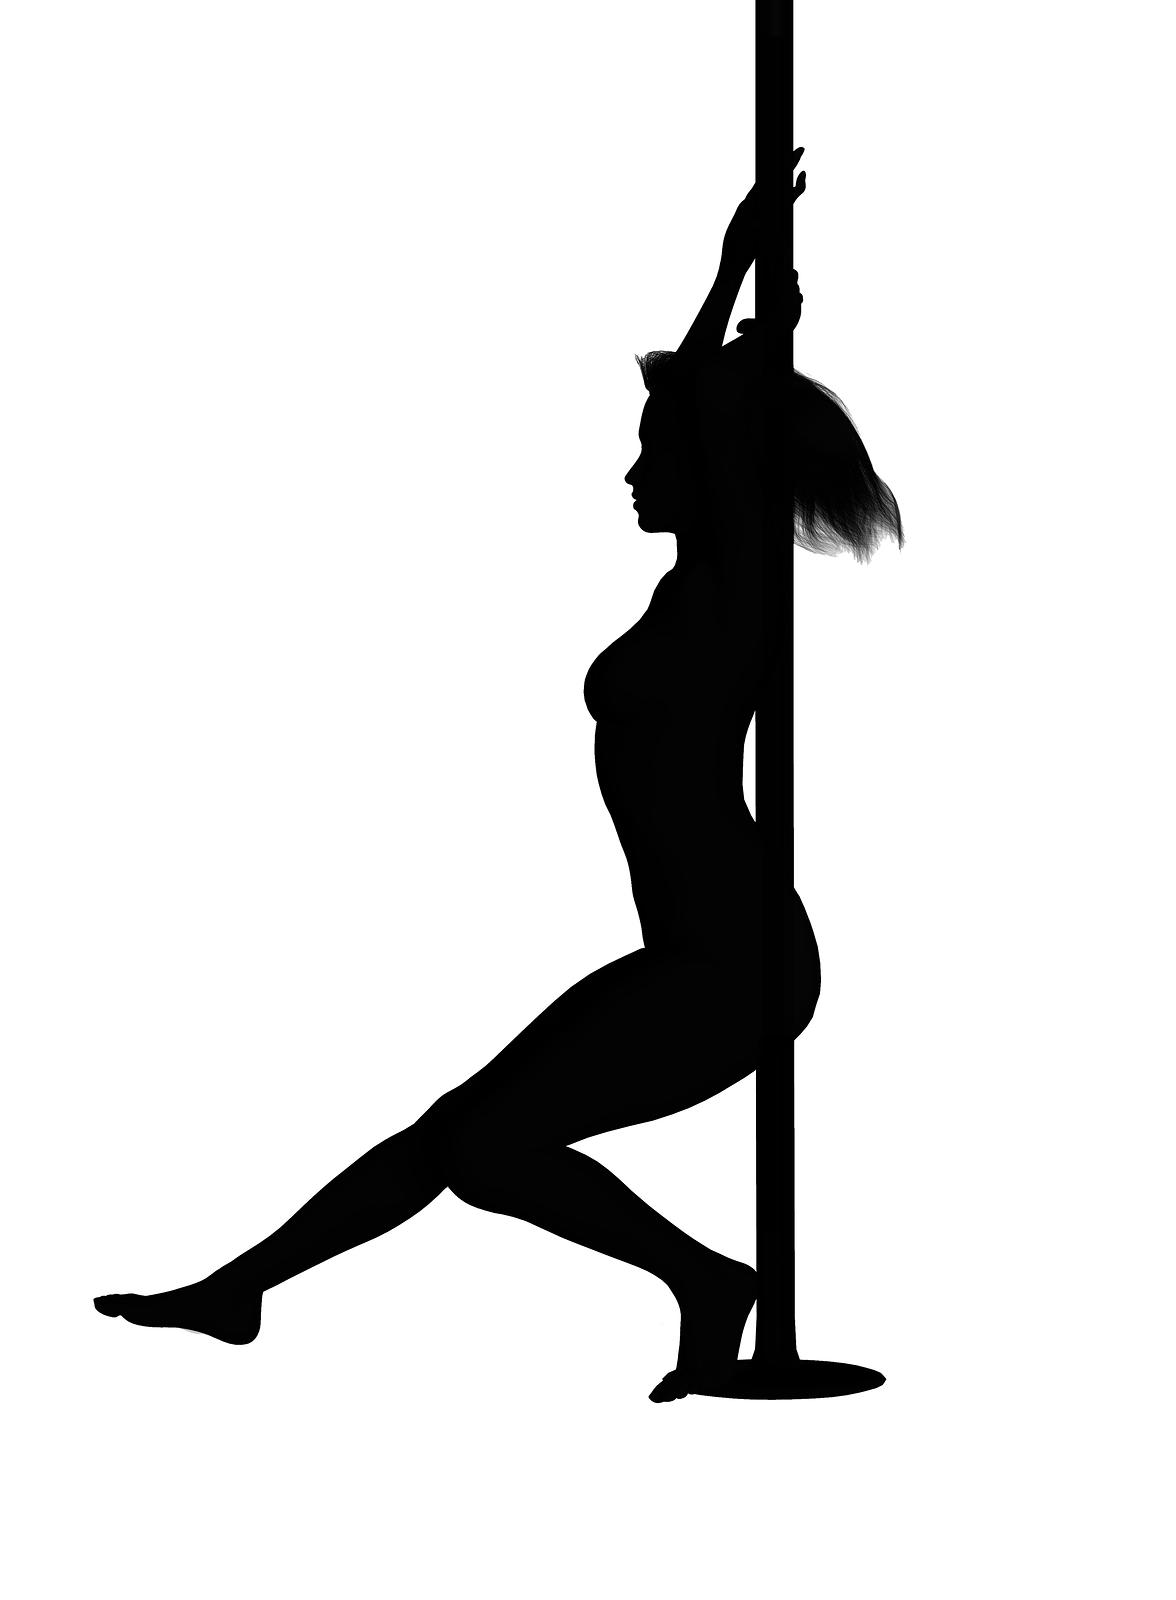 Stripper Denied Worker